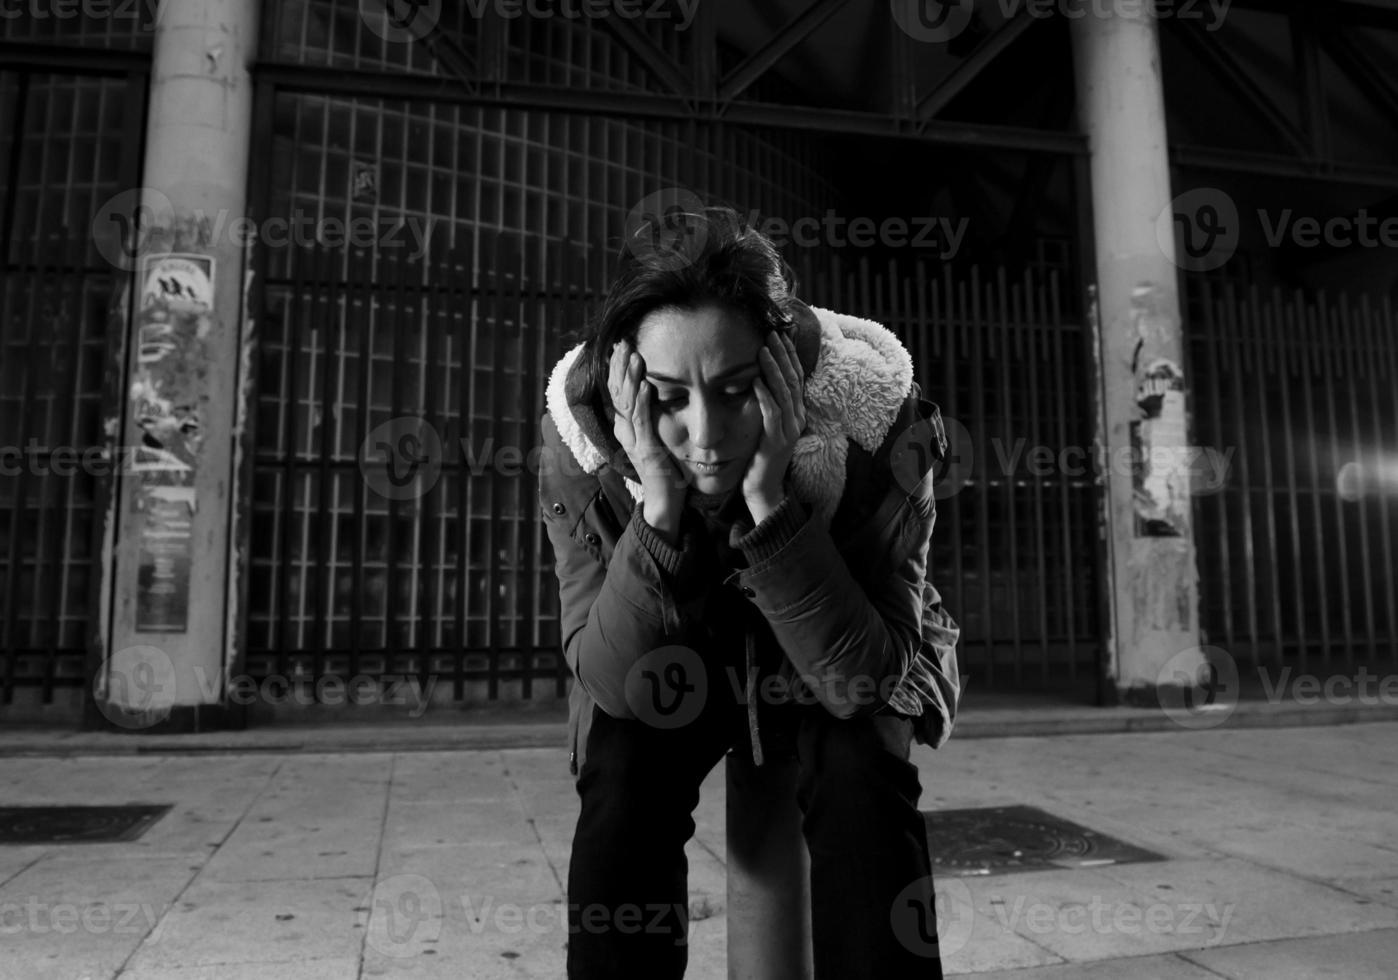 Frau allein auf der Straße leidet an Depressionen, die traurig verzweifelt aussehen foto